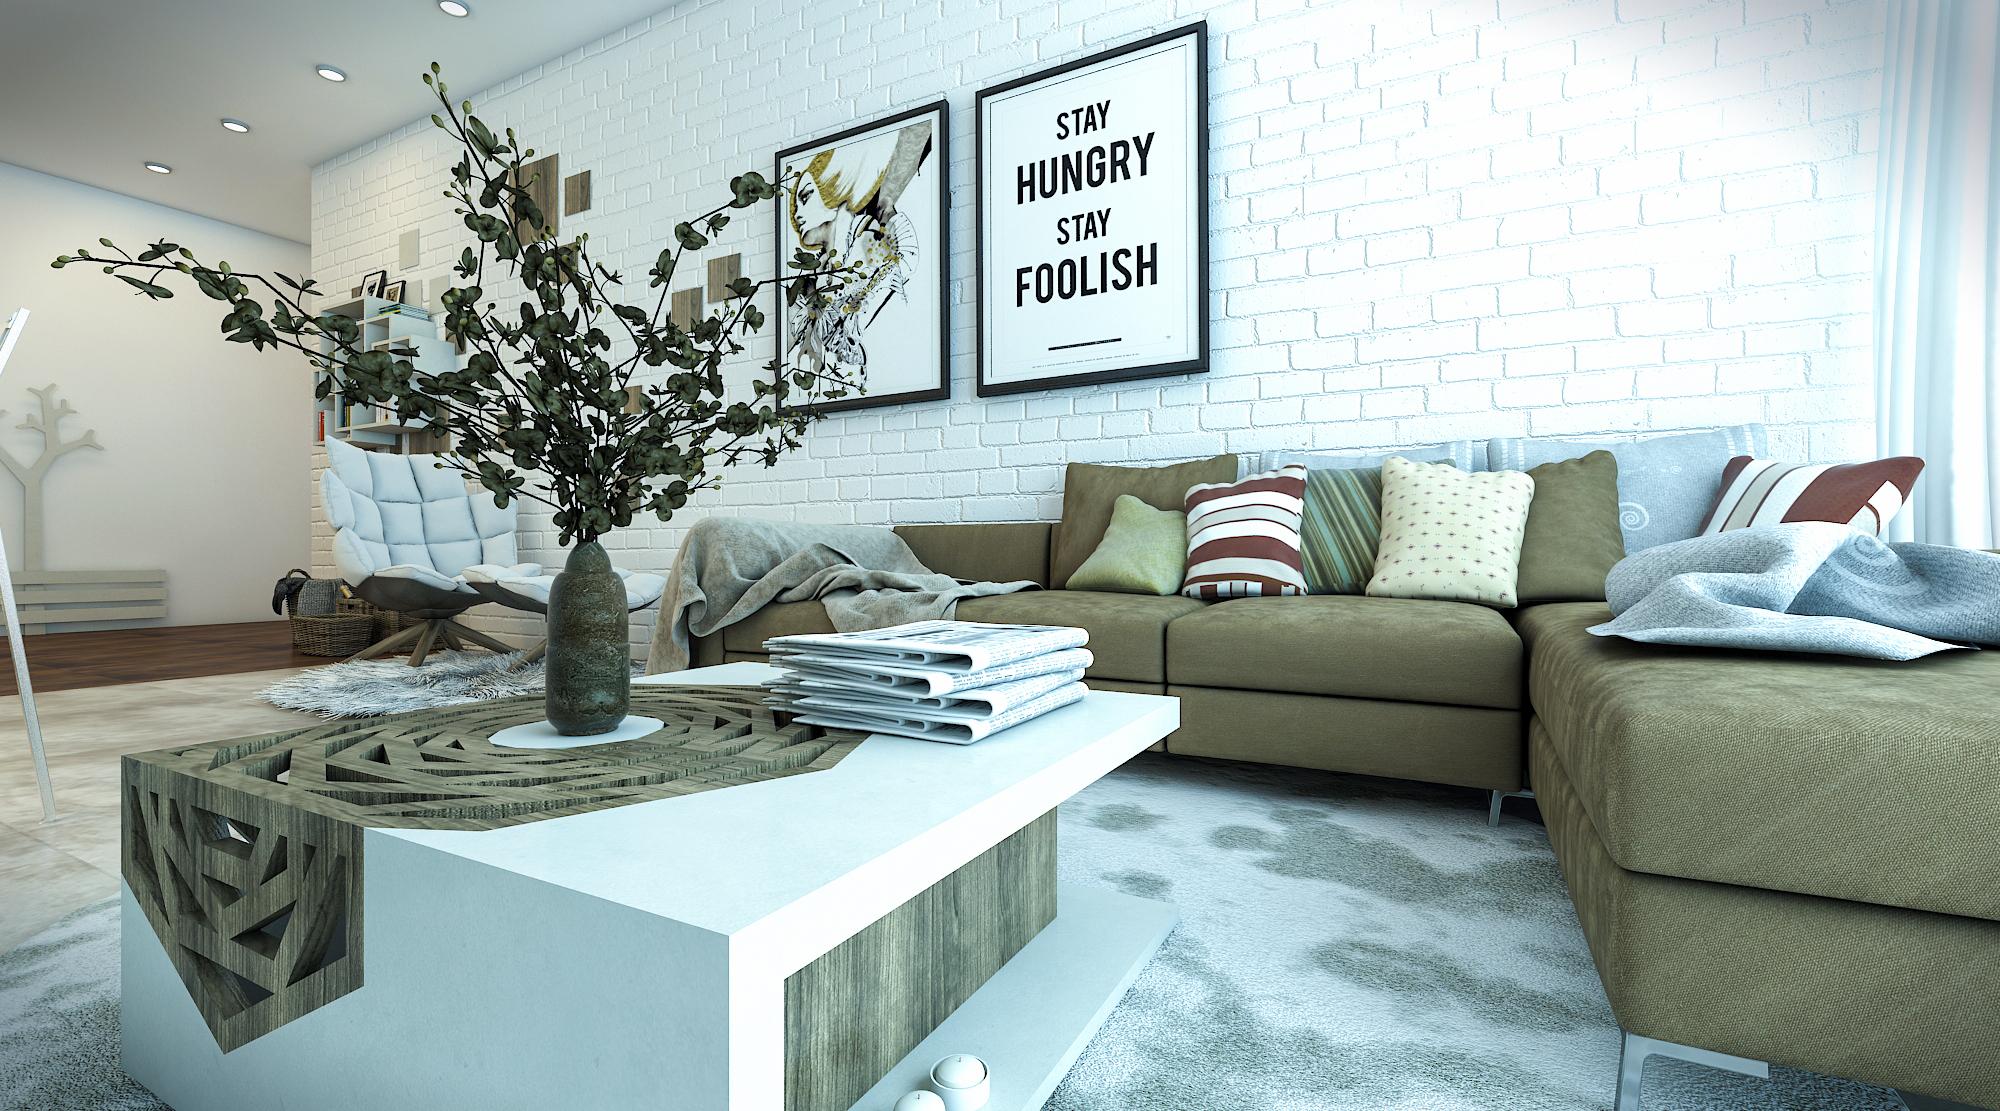 thiết kế nội thất chung cư tại Hồ Chí Minh Ms. Ly Apartment 9 1562574642